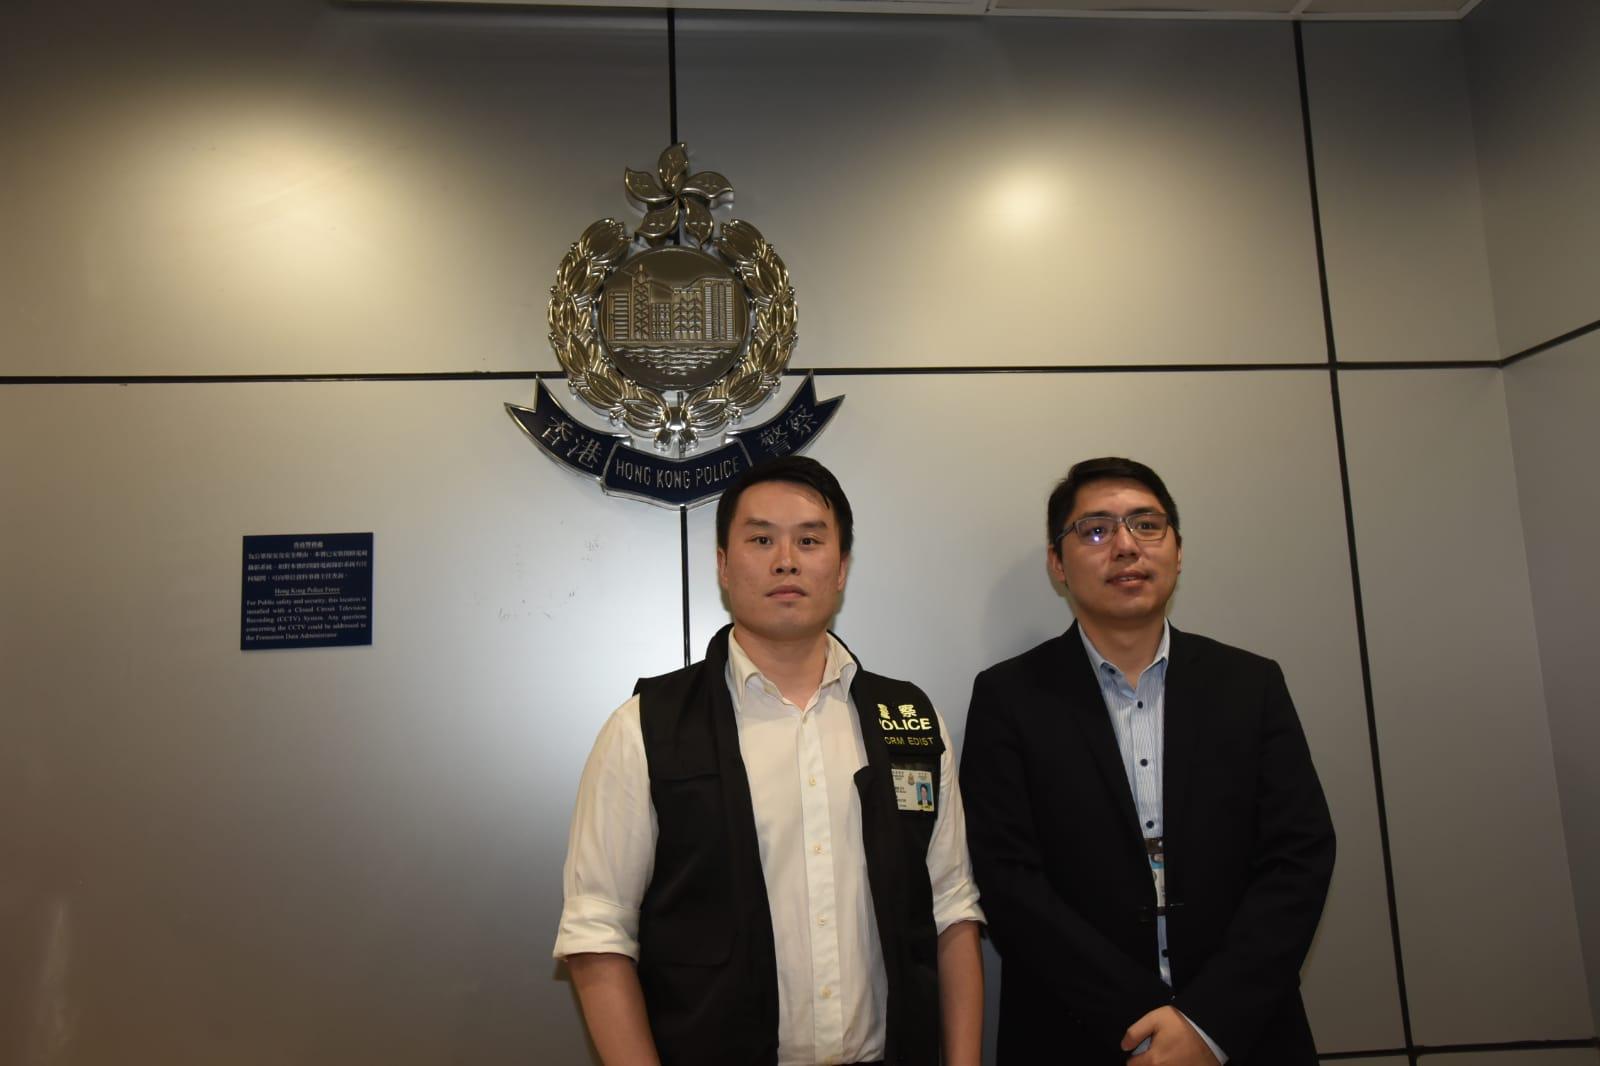 重案組第一隊主管偵緝督察吳嘉倫(左)及商業罪案調查科情報組高級督察林子皓(右)。